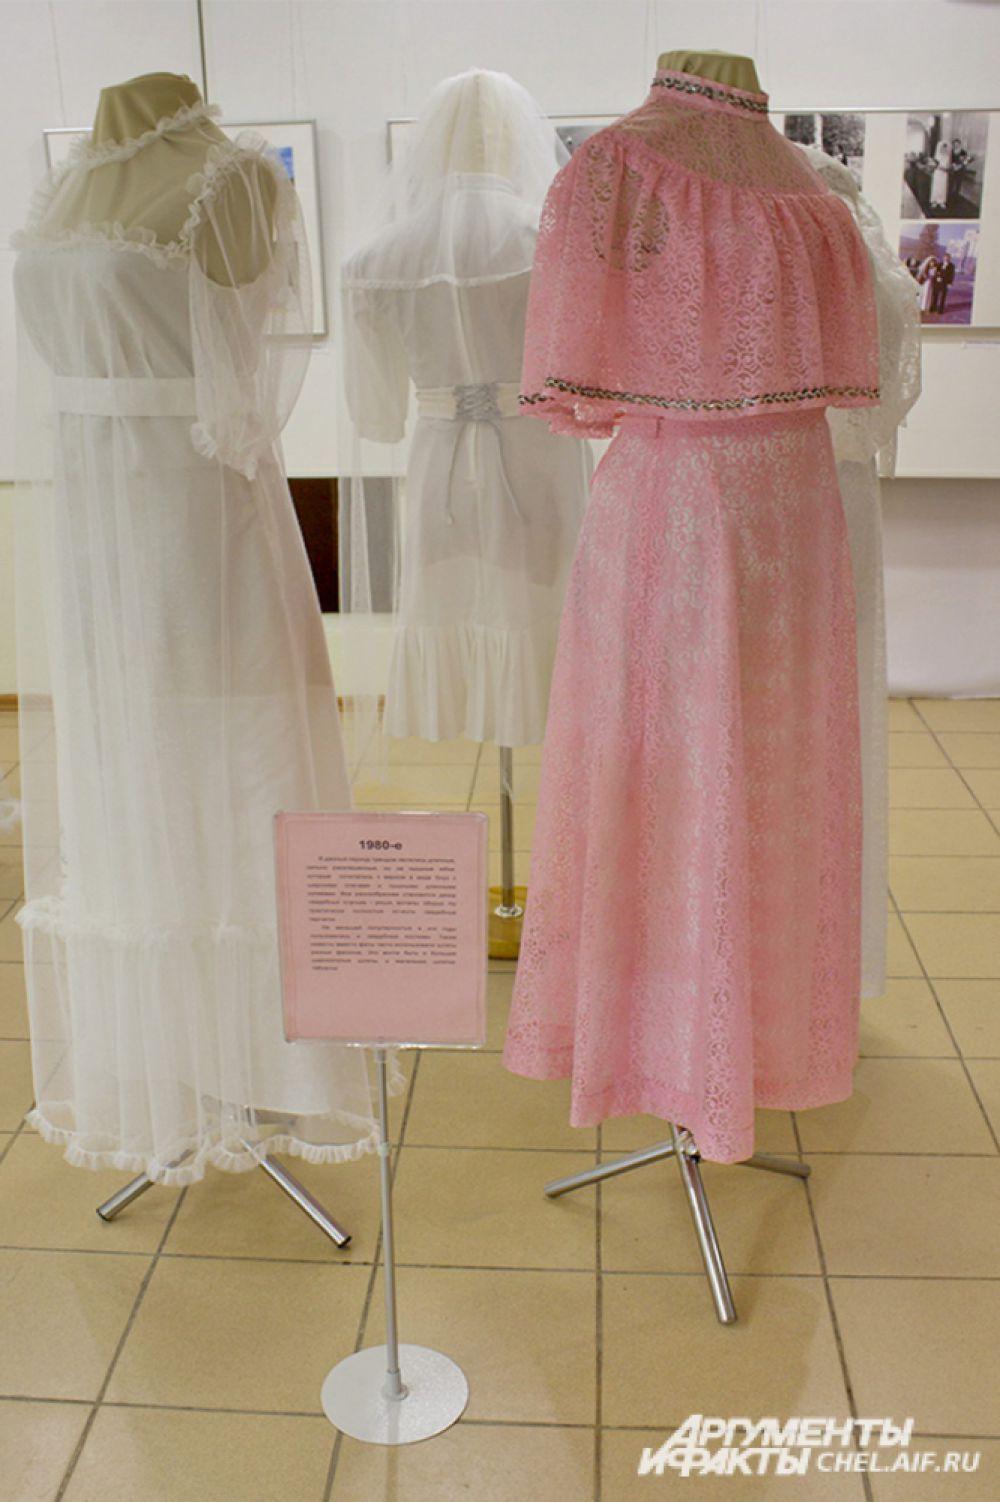 Платья 80-х годов ХХ века. В моде длинные, но не пышные юбки.